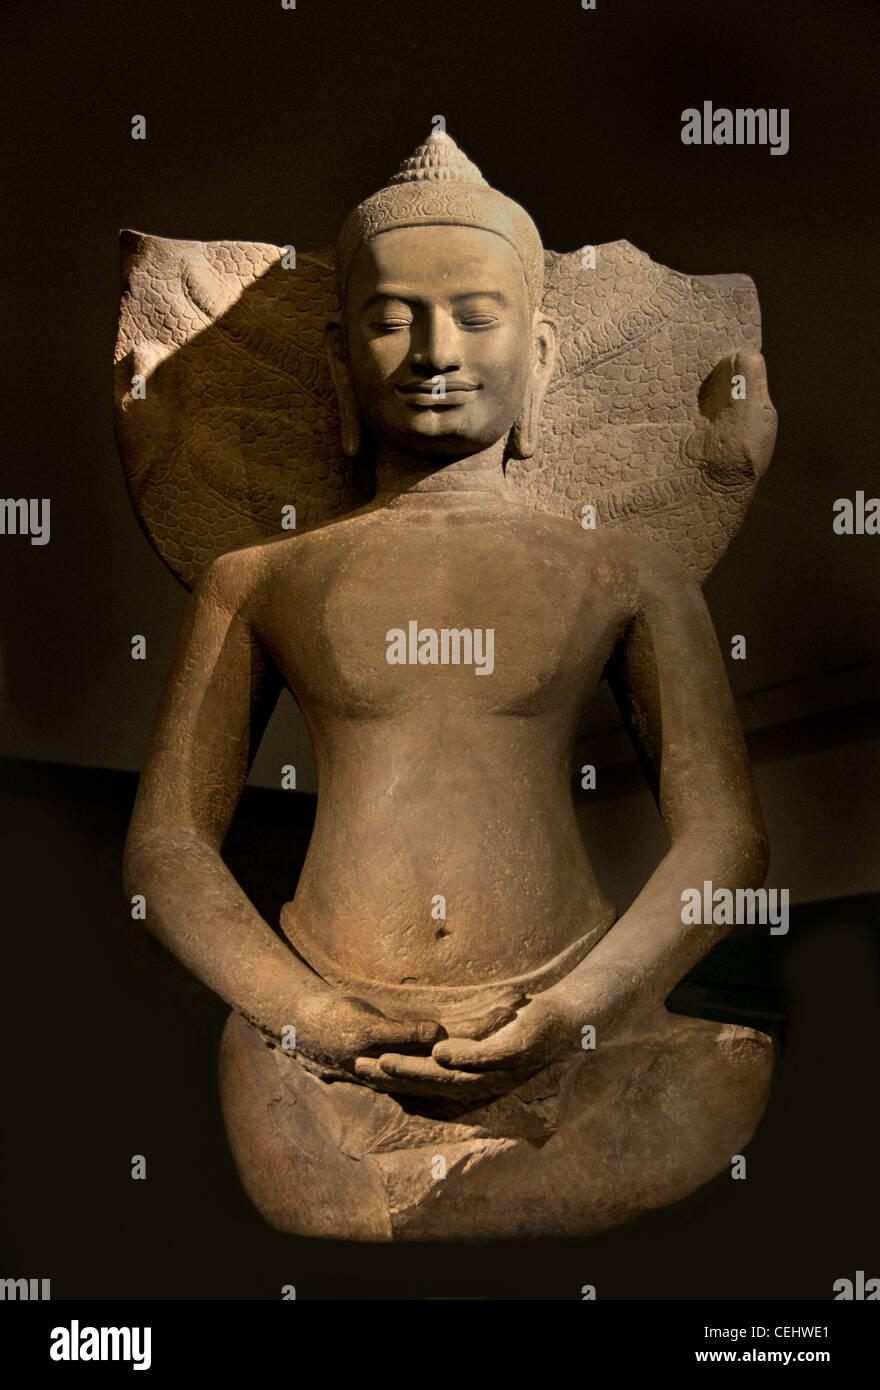 Buddha protected by the Naga 12 - 13th century Bayon style Preah Khan Kompong Svay Cambodian Cambodia - Stock Image